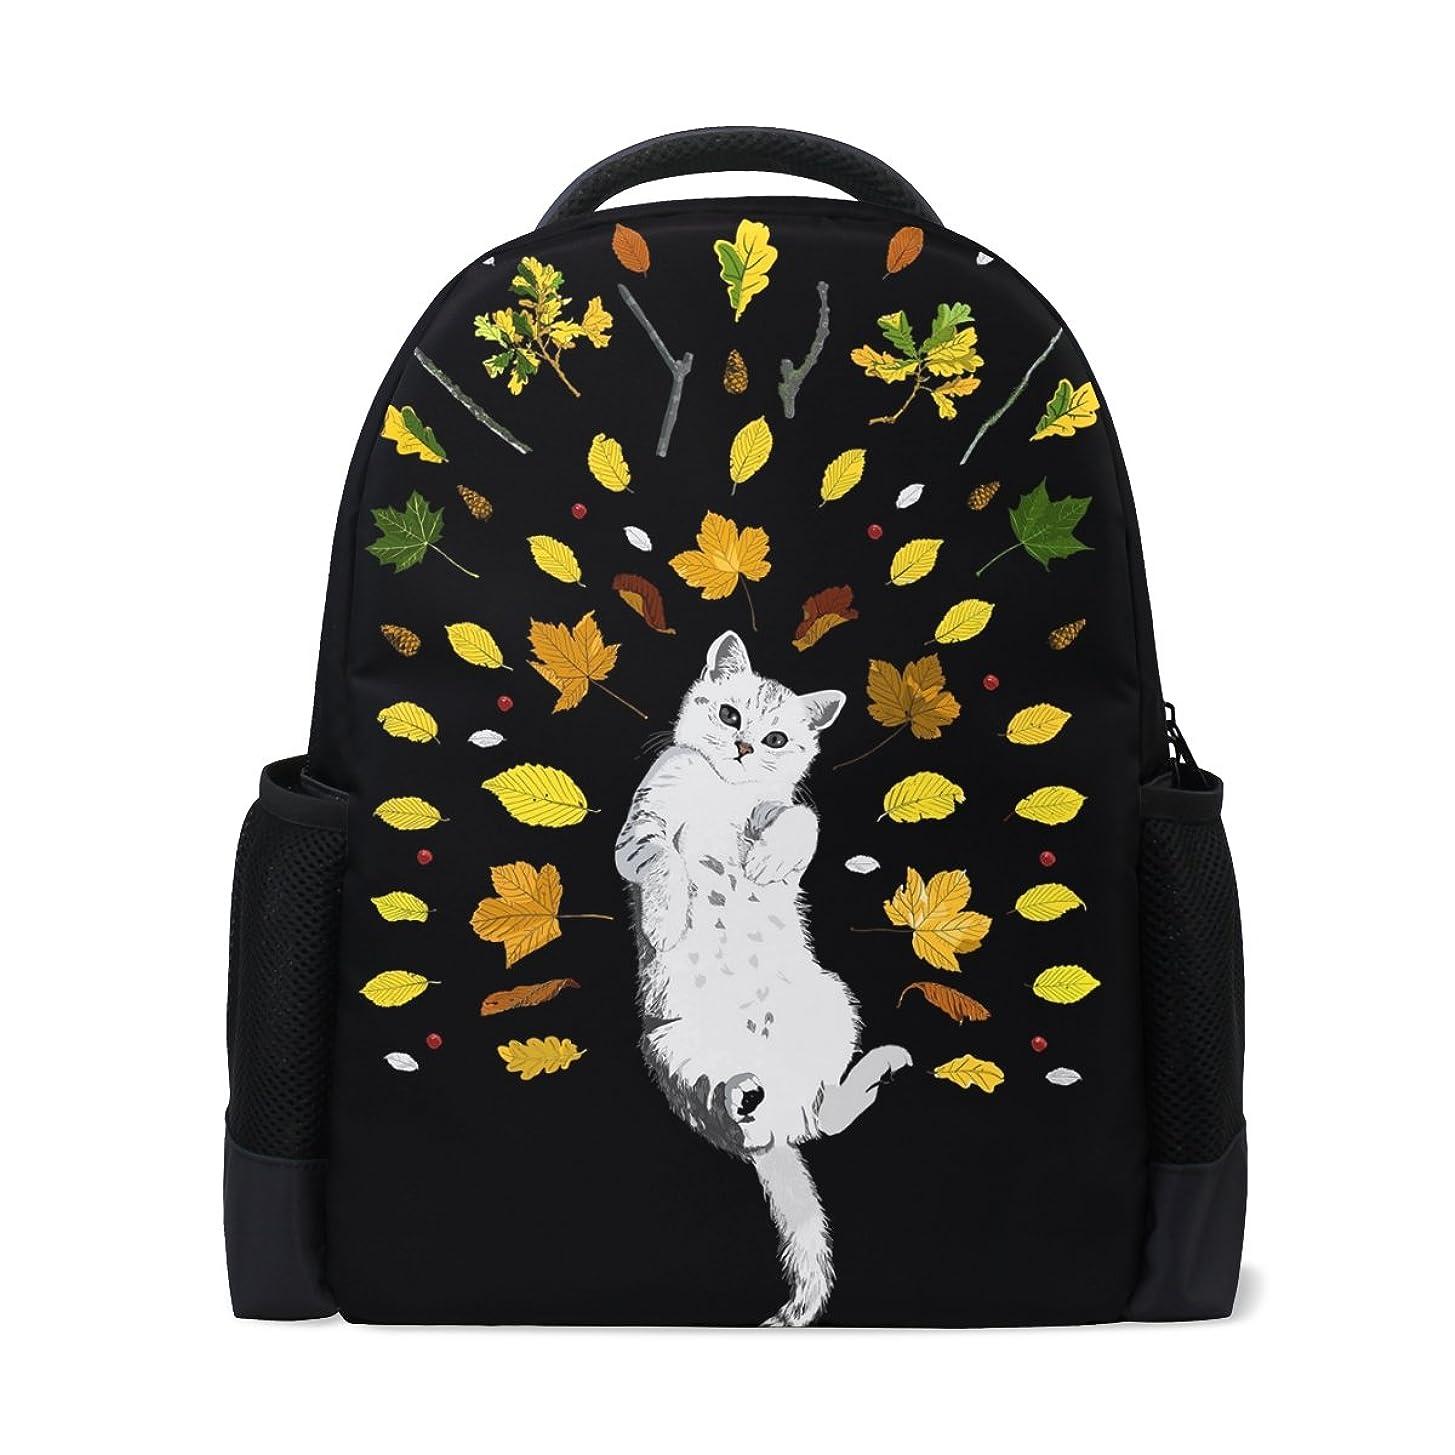 避けられないエンジニア有毒AOMOKI バッグ リュックサック メンズ レディース 通勤 通学 旅行 大容量 秋 葉 猫